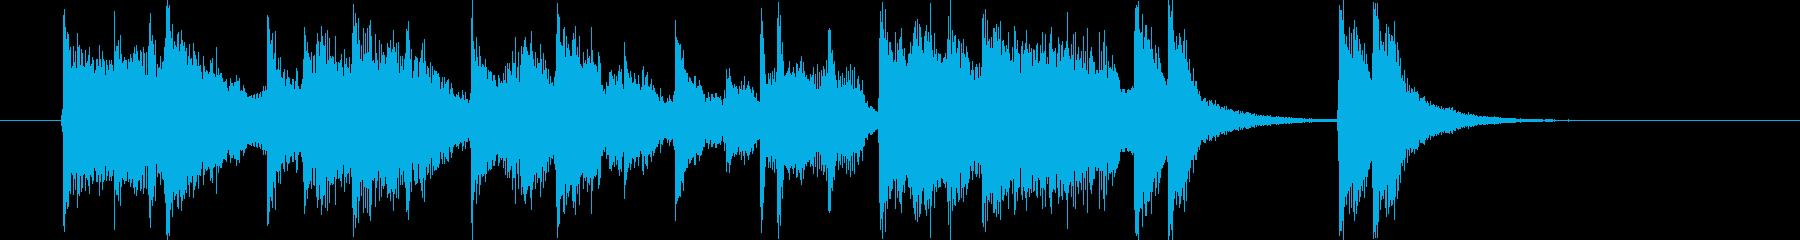 ムーディーでメローなトランペットジングルの再生済みの波形